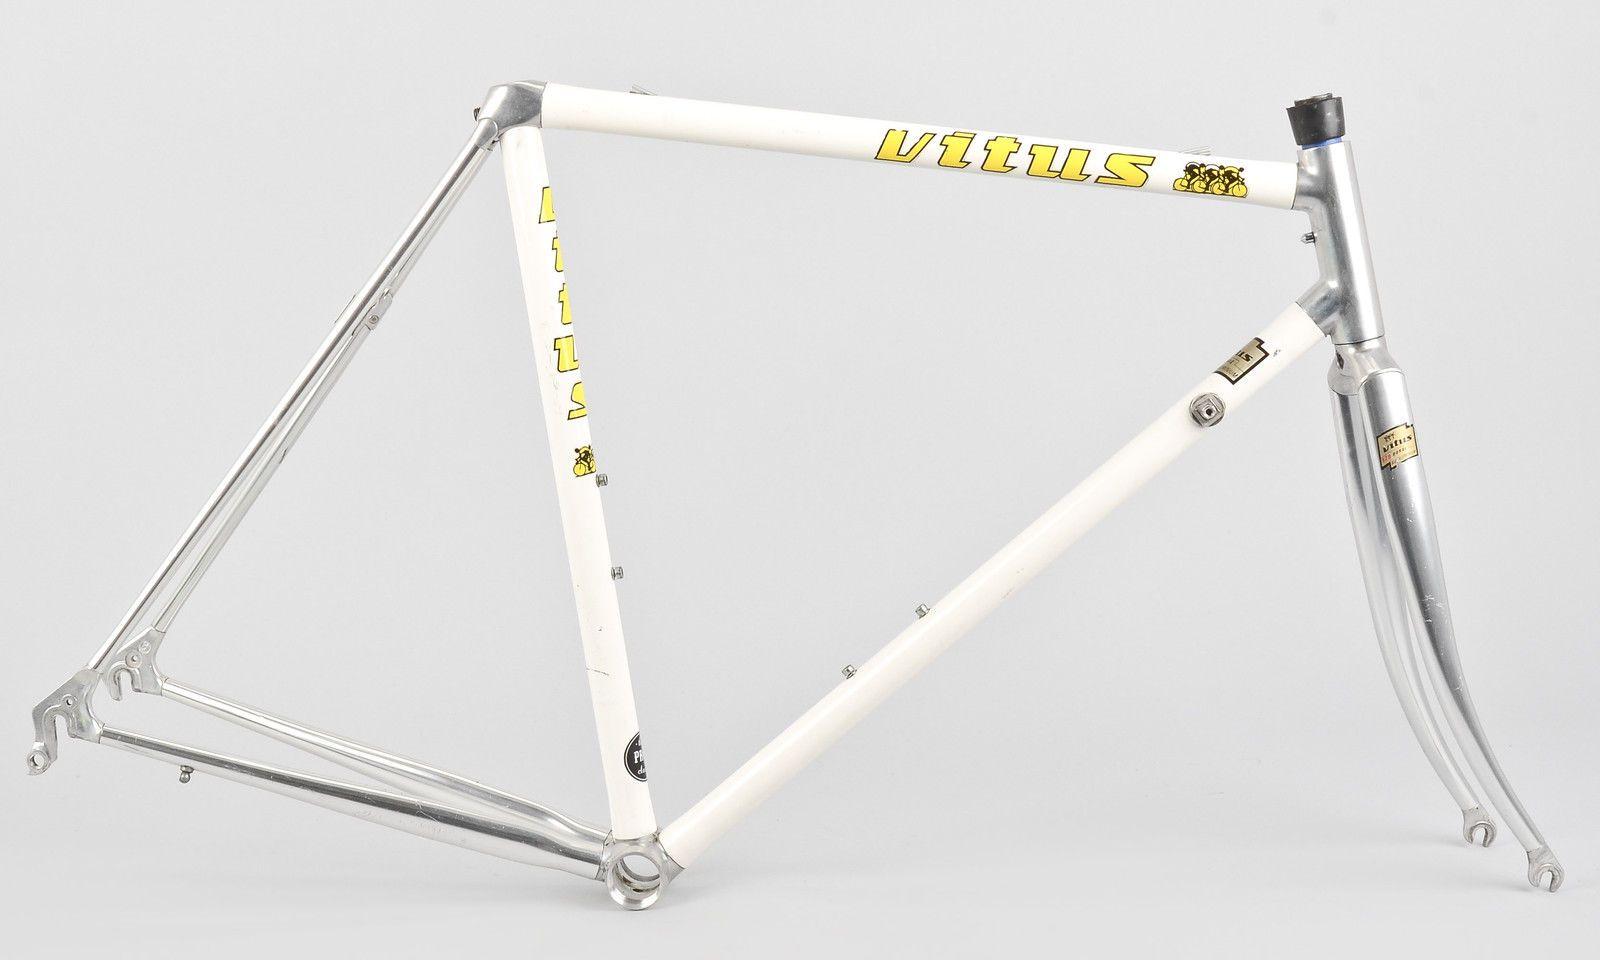 vintage vitus 979 duraluminum road bike frame set 54cm 700c france ebay